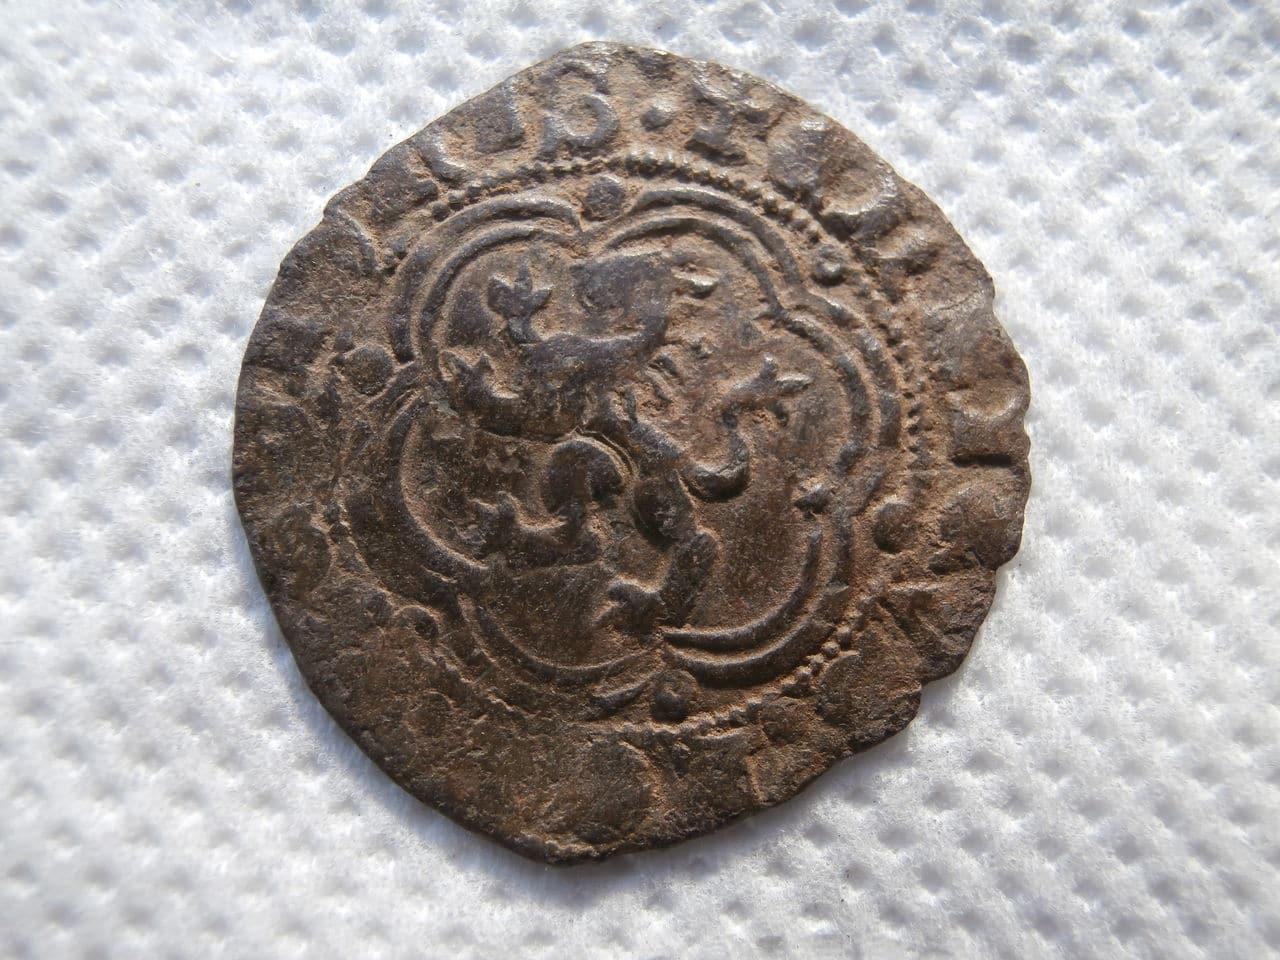 Blanca de Enrique III de Castilla 1390-1406 Sevilla. P1070129